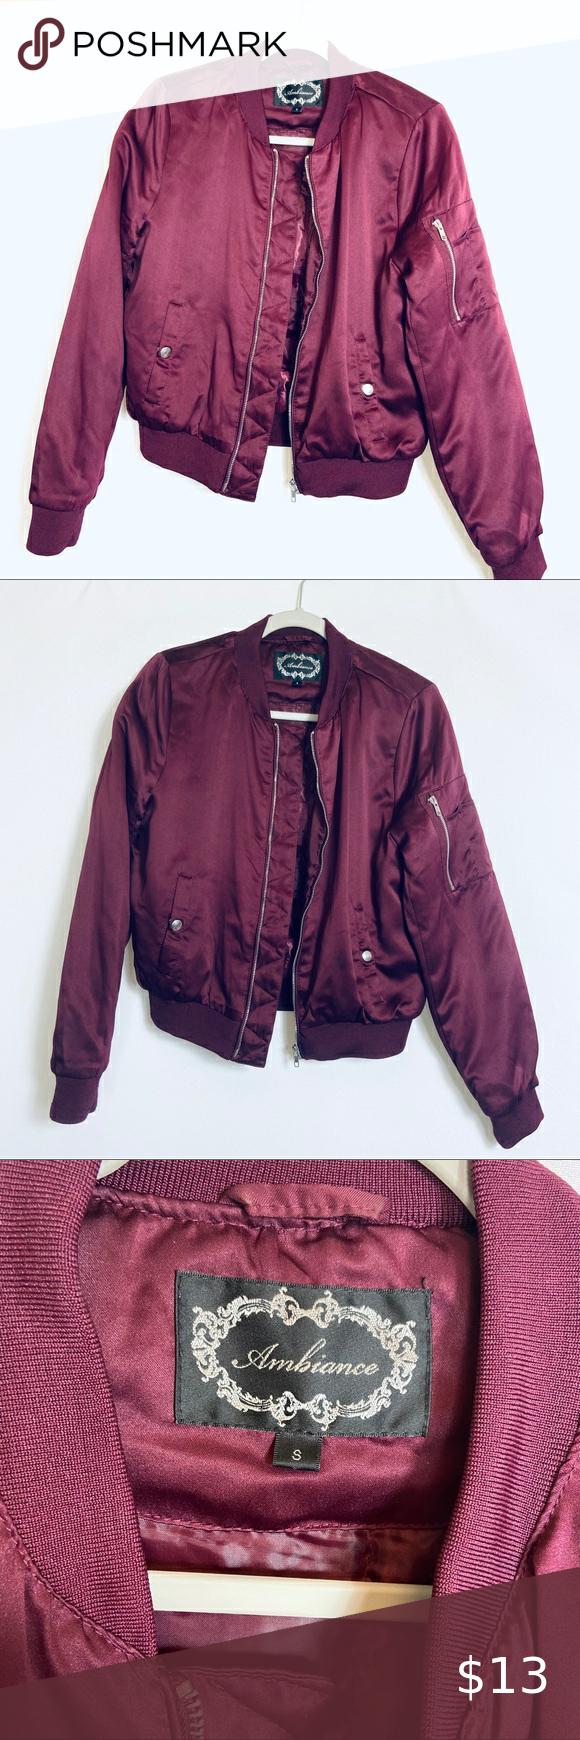 Ambiance Maroonsilky Bomber Jacket Euc Bomber Jacket Jackets Jackets For Women [ 1740 x 580 Pixel ]